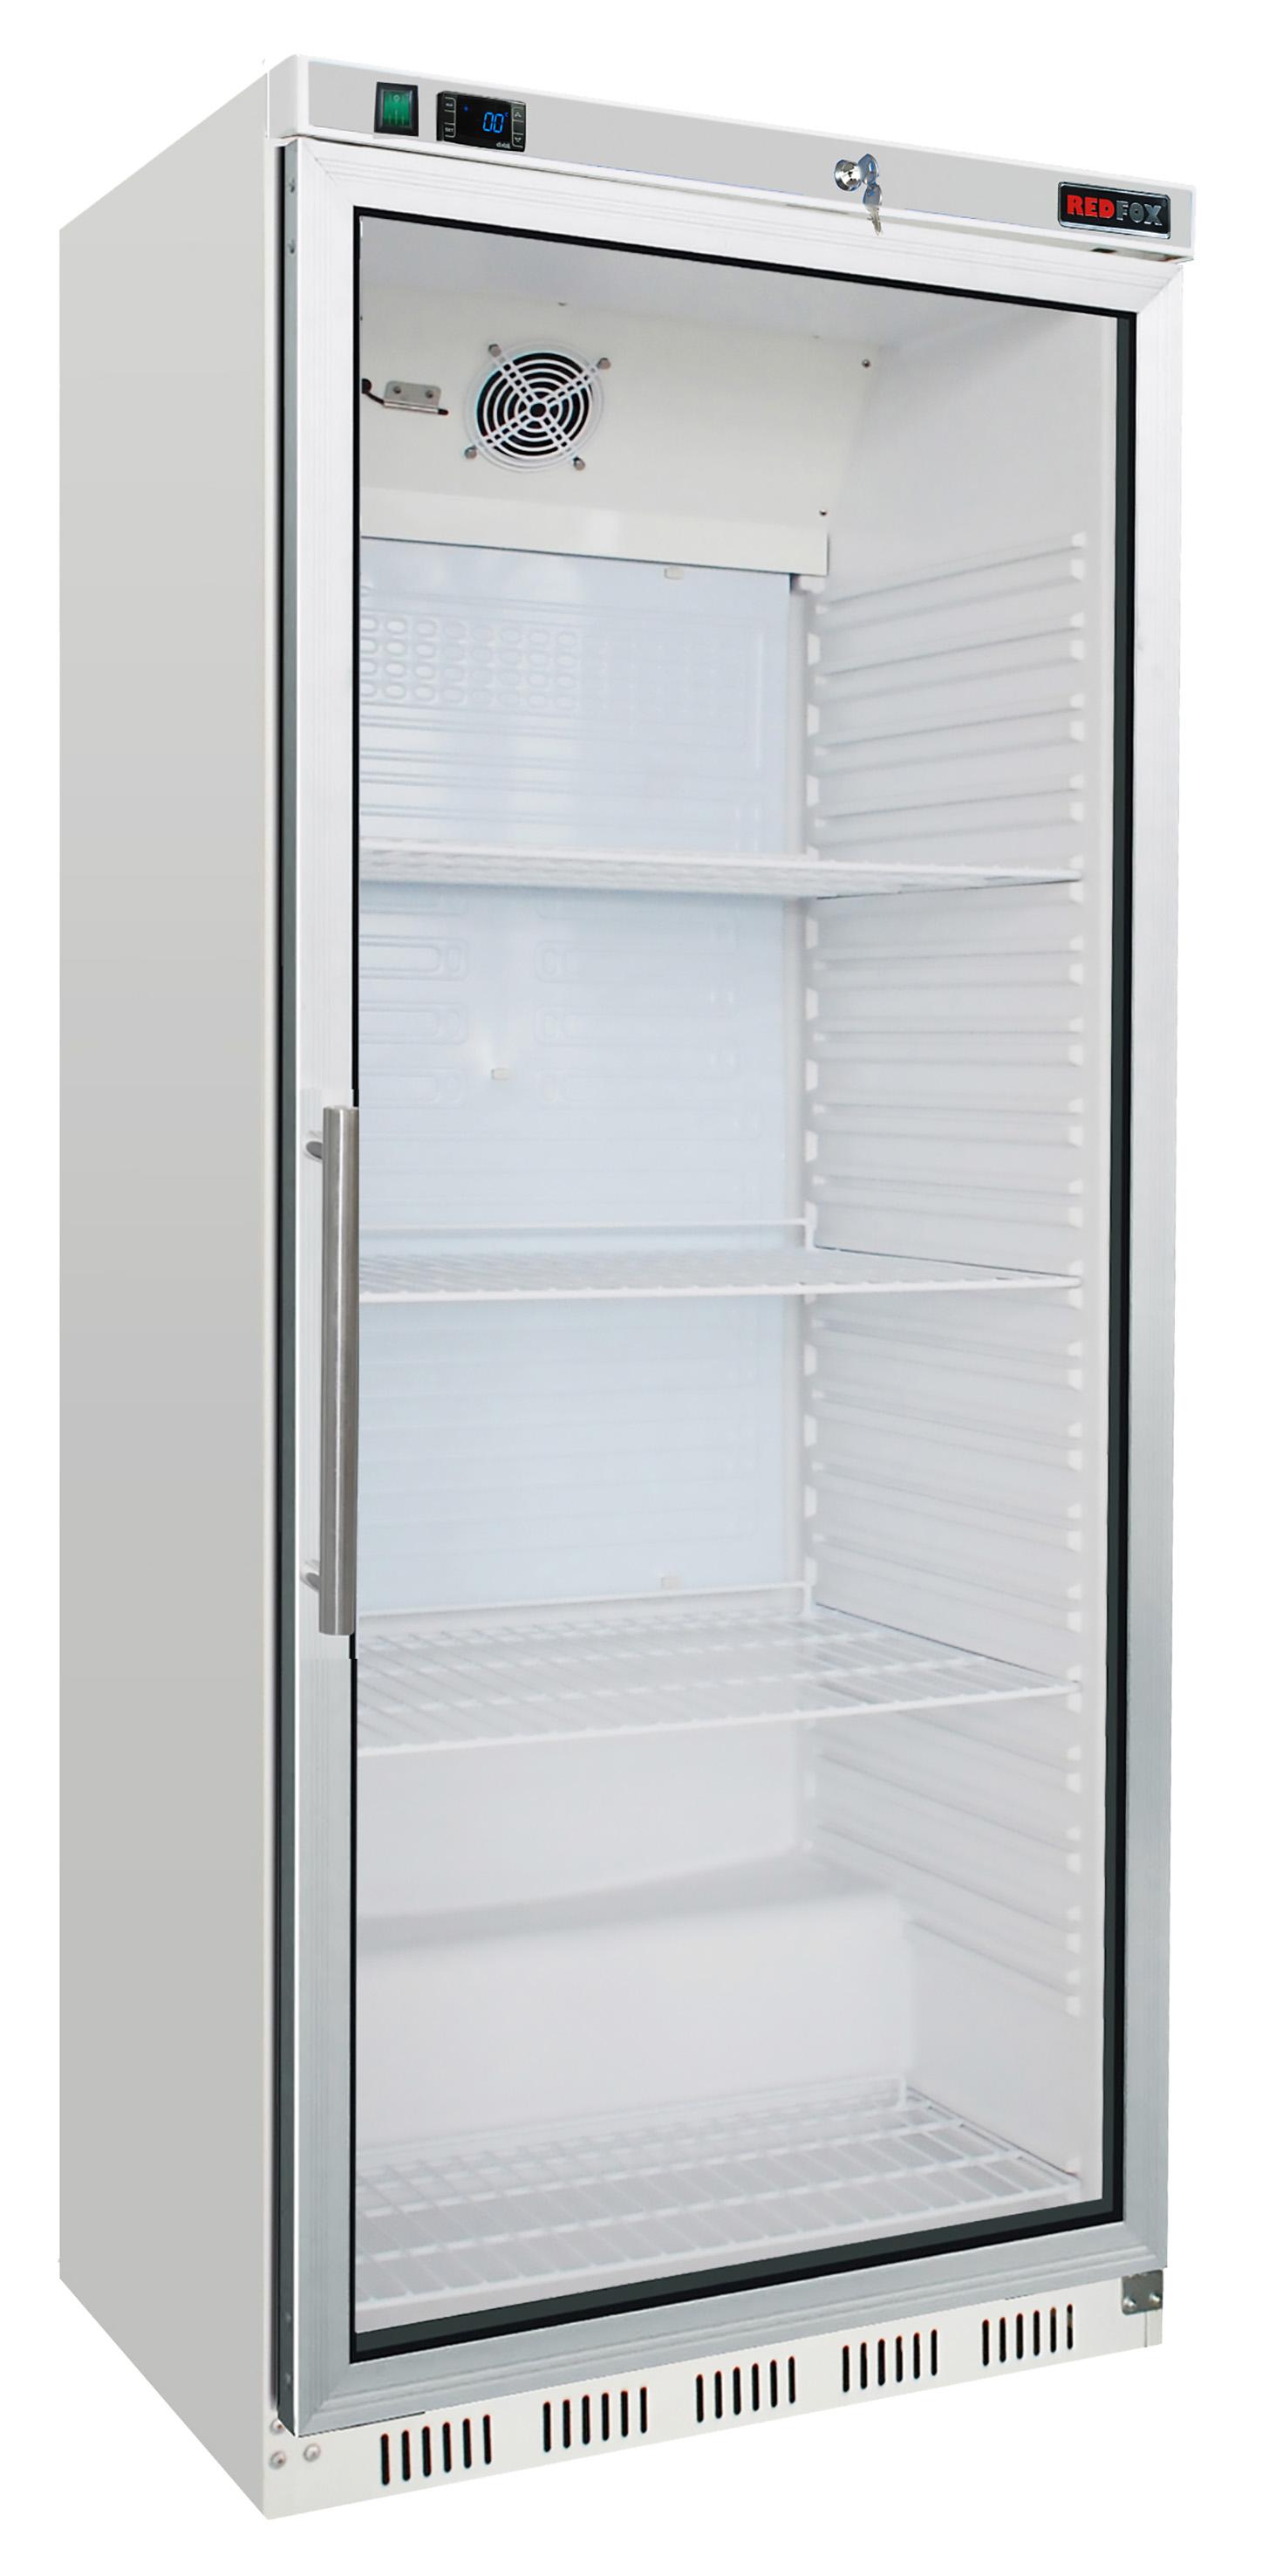 Skříň mrazící HF 600/G mraznice bílá prosklené dveře REDFOX